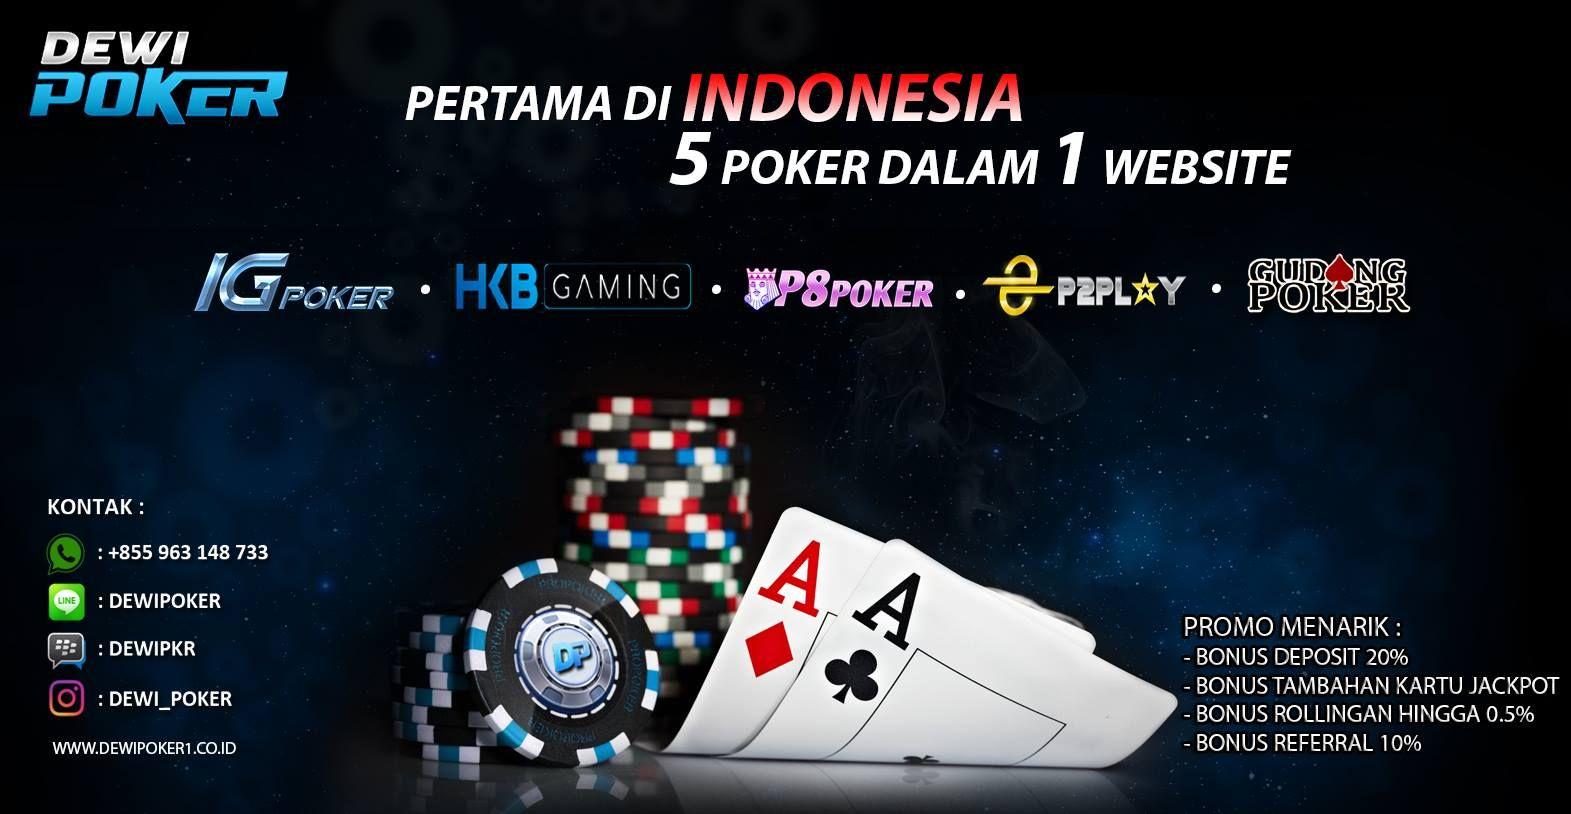 Pertama di Indonesia,, 5 server dalam 1 Website dewipoker